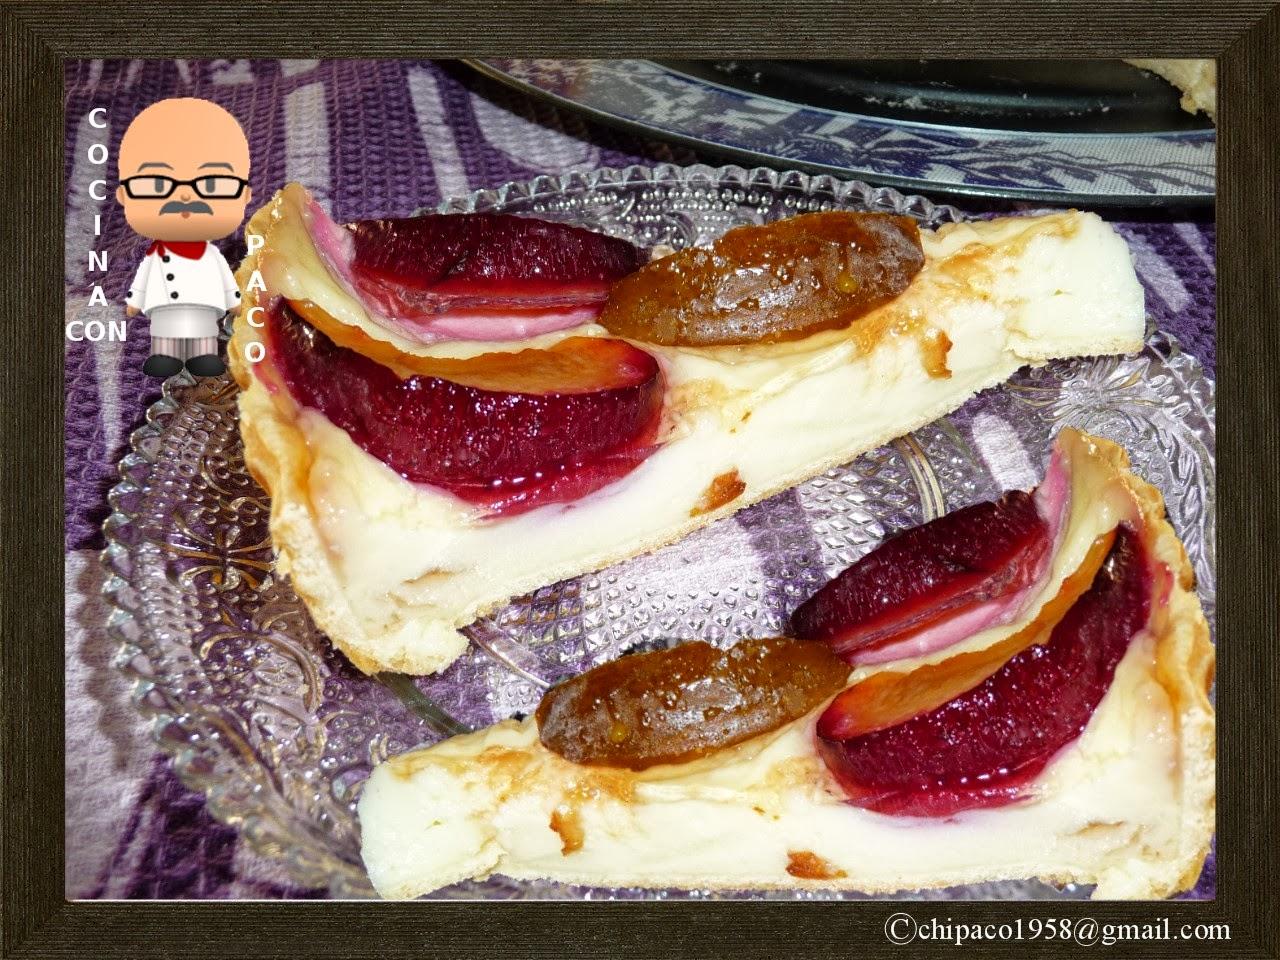 Cocina con Paco: Tarta de ciruelas y crema pastelera